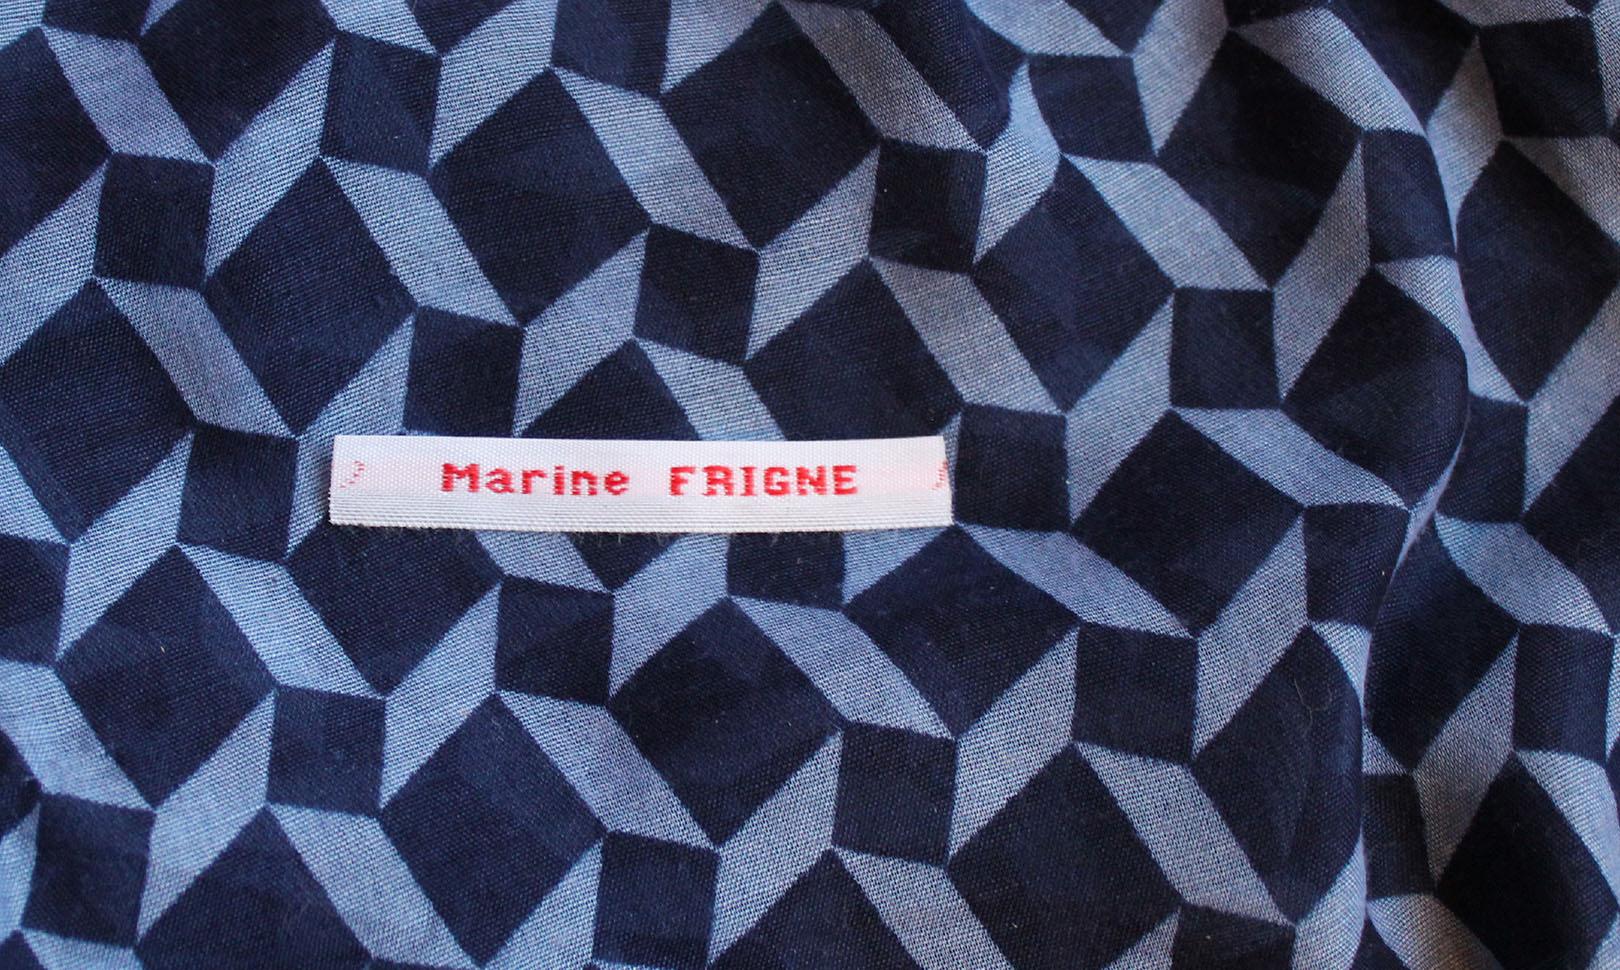 Utilisez des étiquettes prénom pour identifier vos affaires